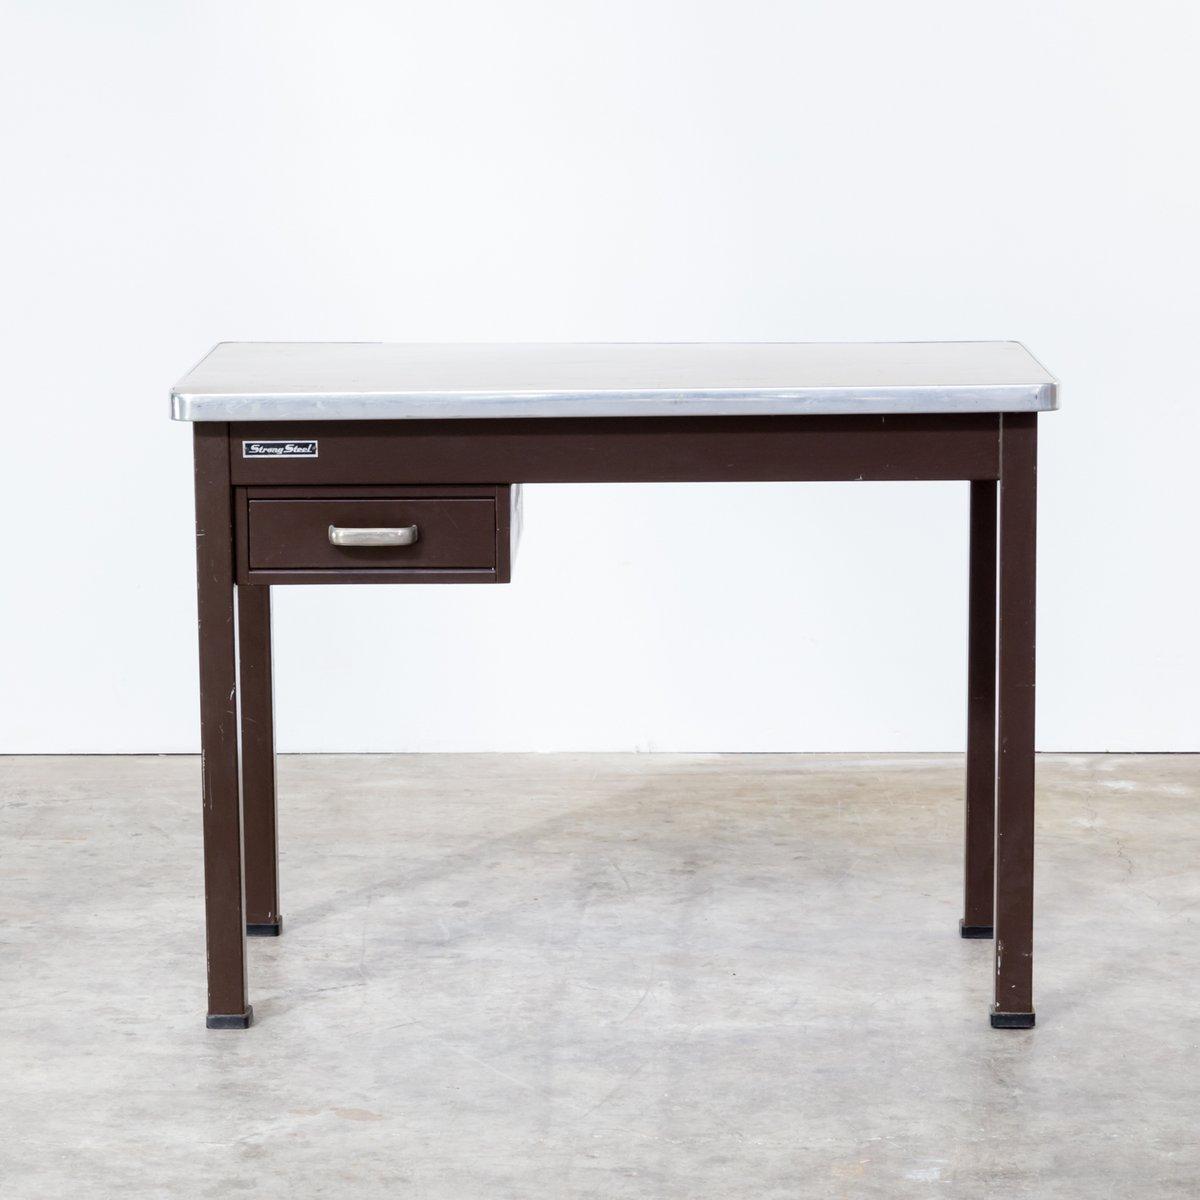 Schreibtisch aus festem metall von strong steel 1970er for Schreibtisch metall